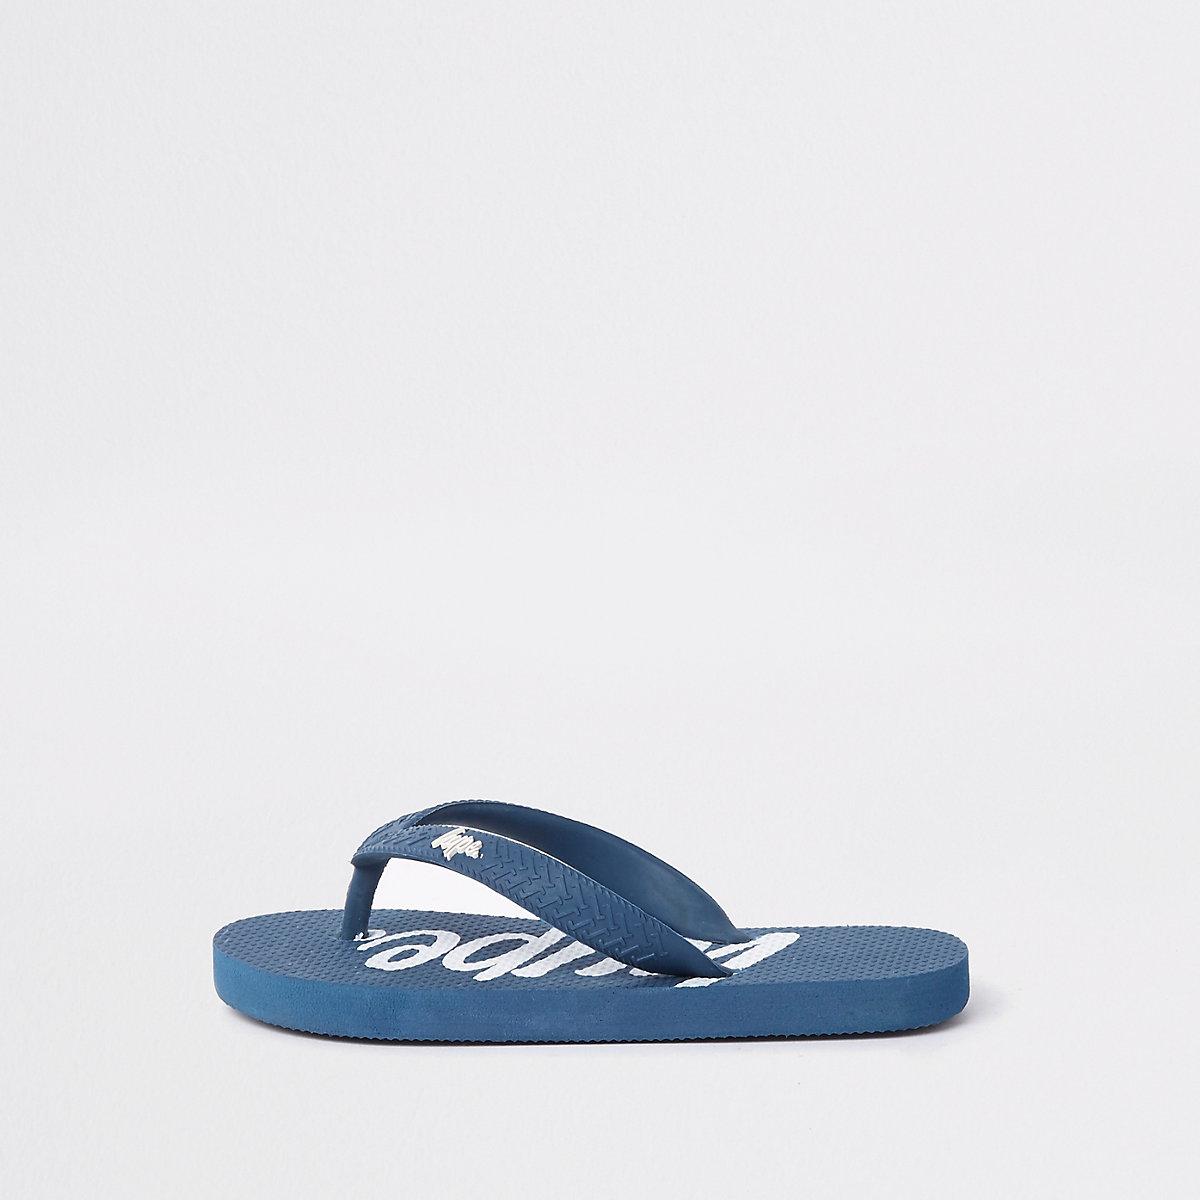 Kids Hype navy flip flops